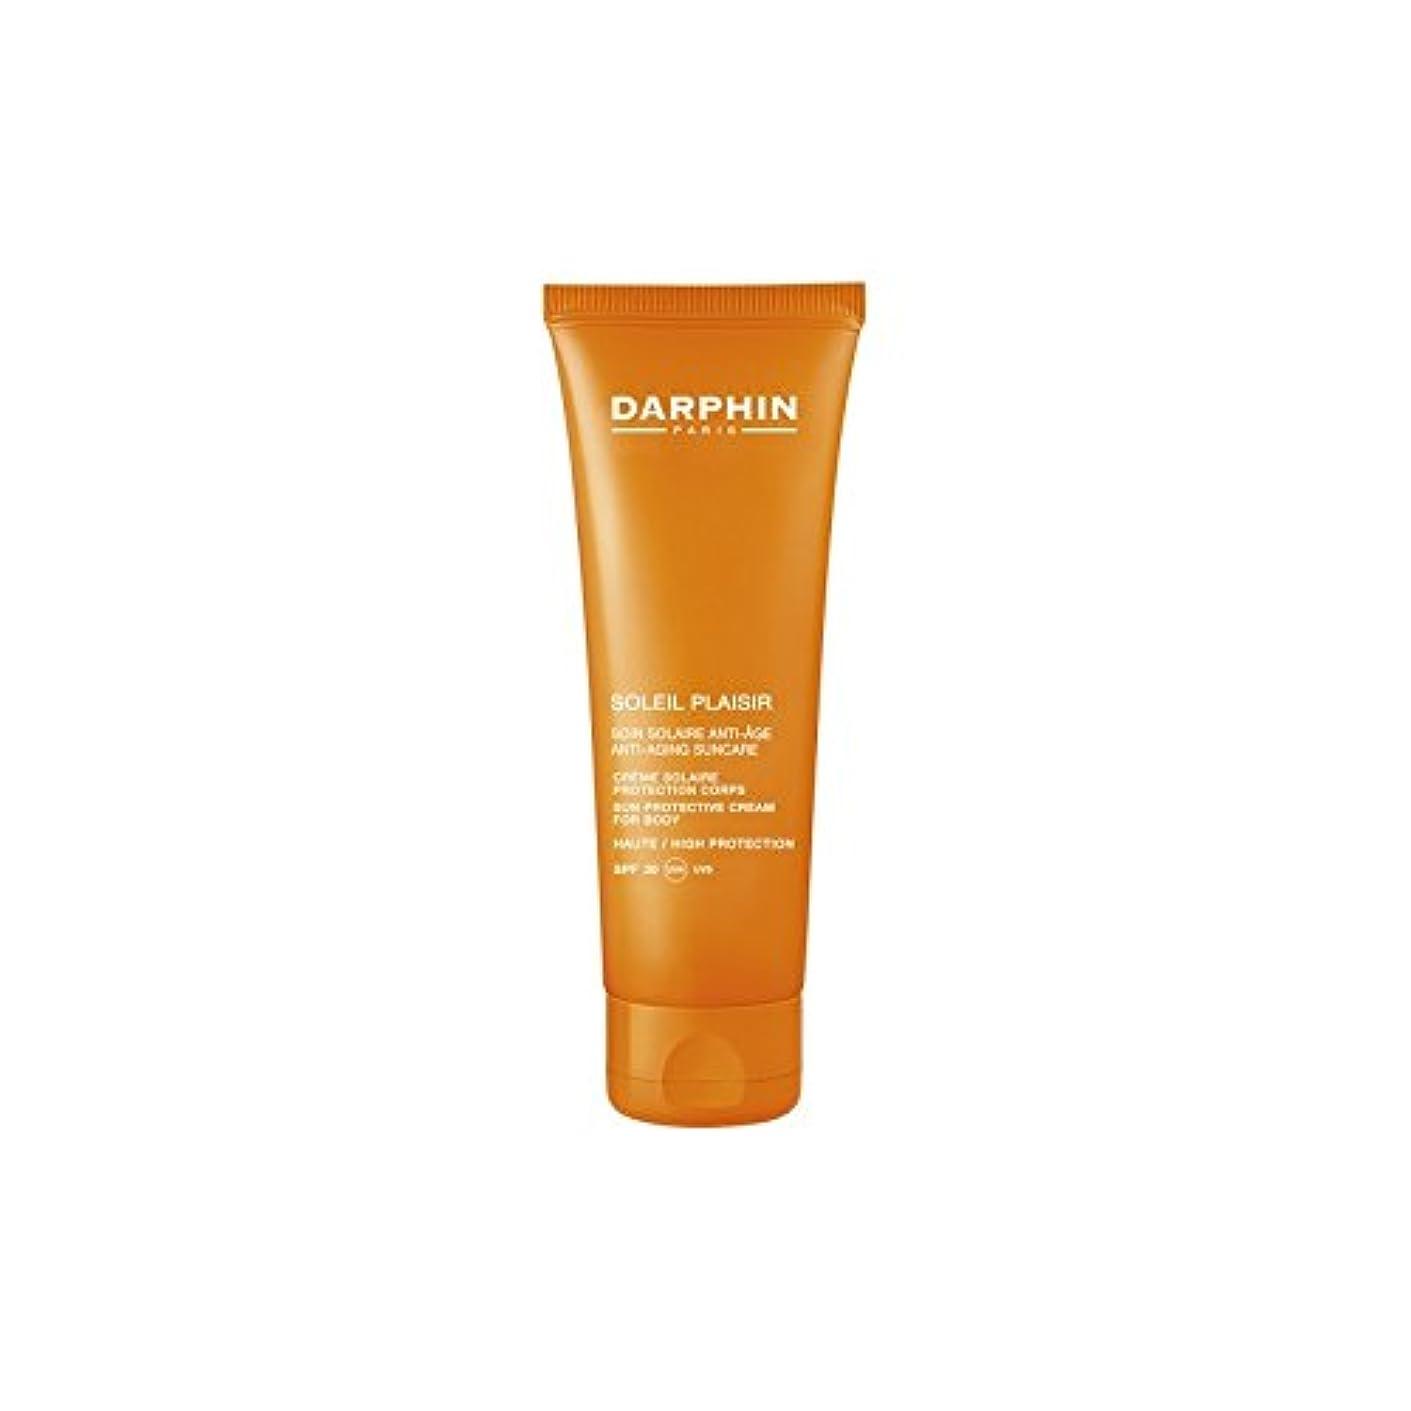 メイト取り除く追加するダルファンソレイユプレジールボディクリーム x4 - Darphin Soleil Plaisir Body Cream (Pack of 4) [並行輸入品]